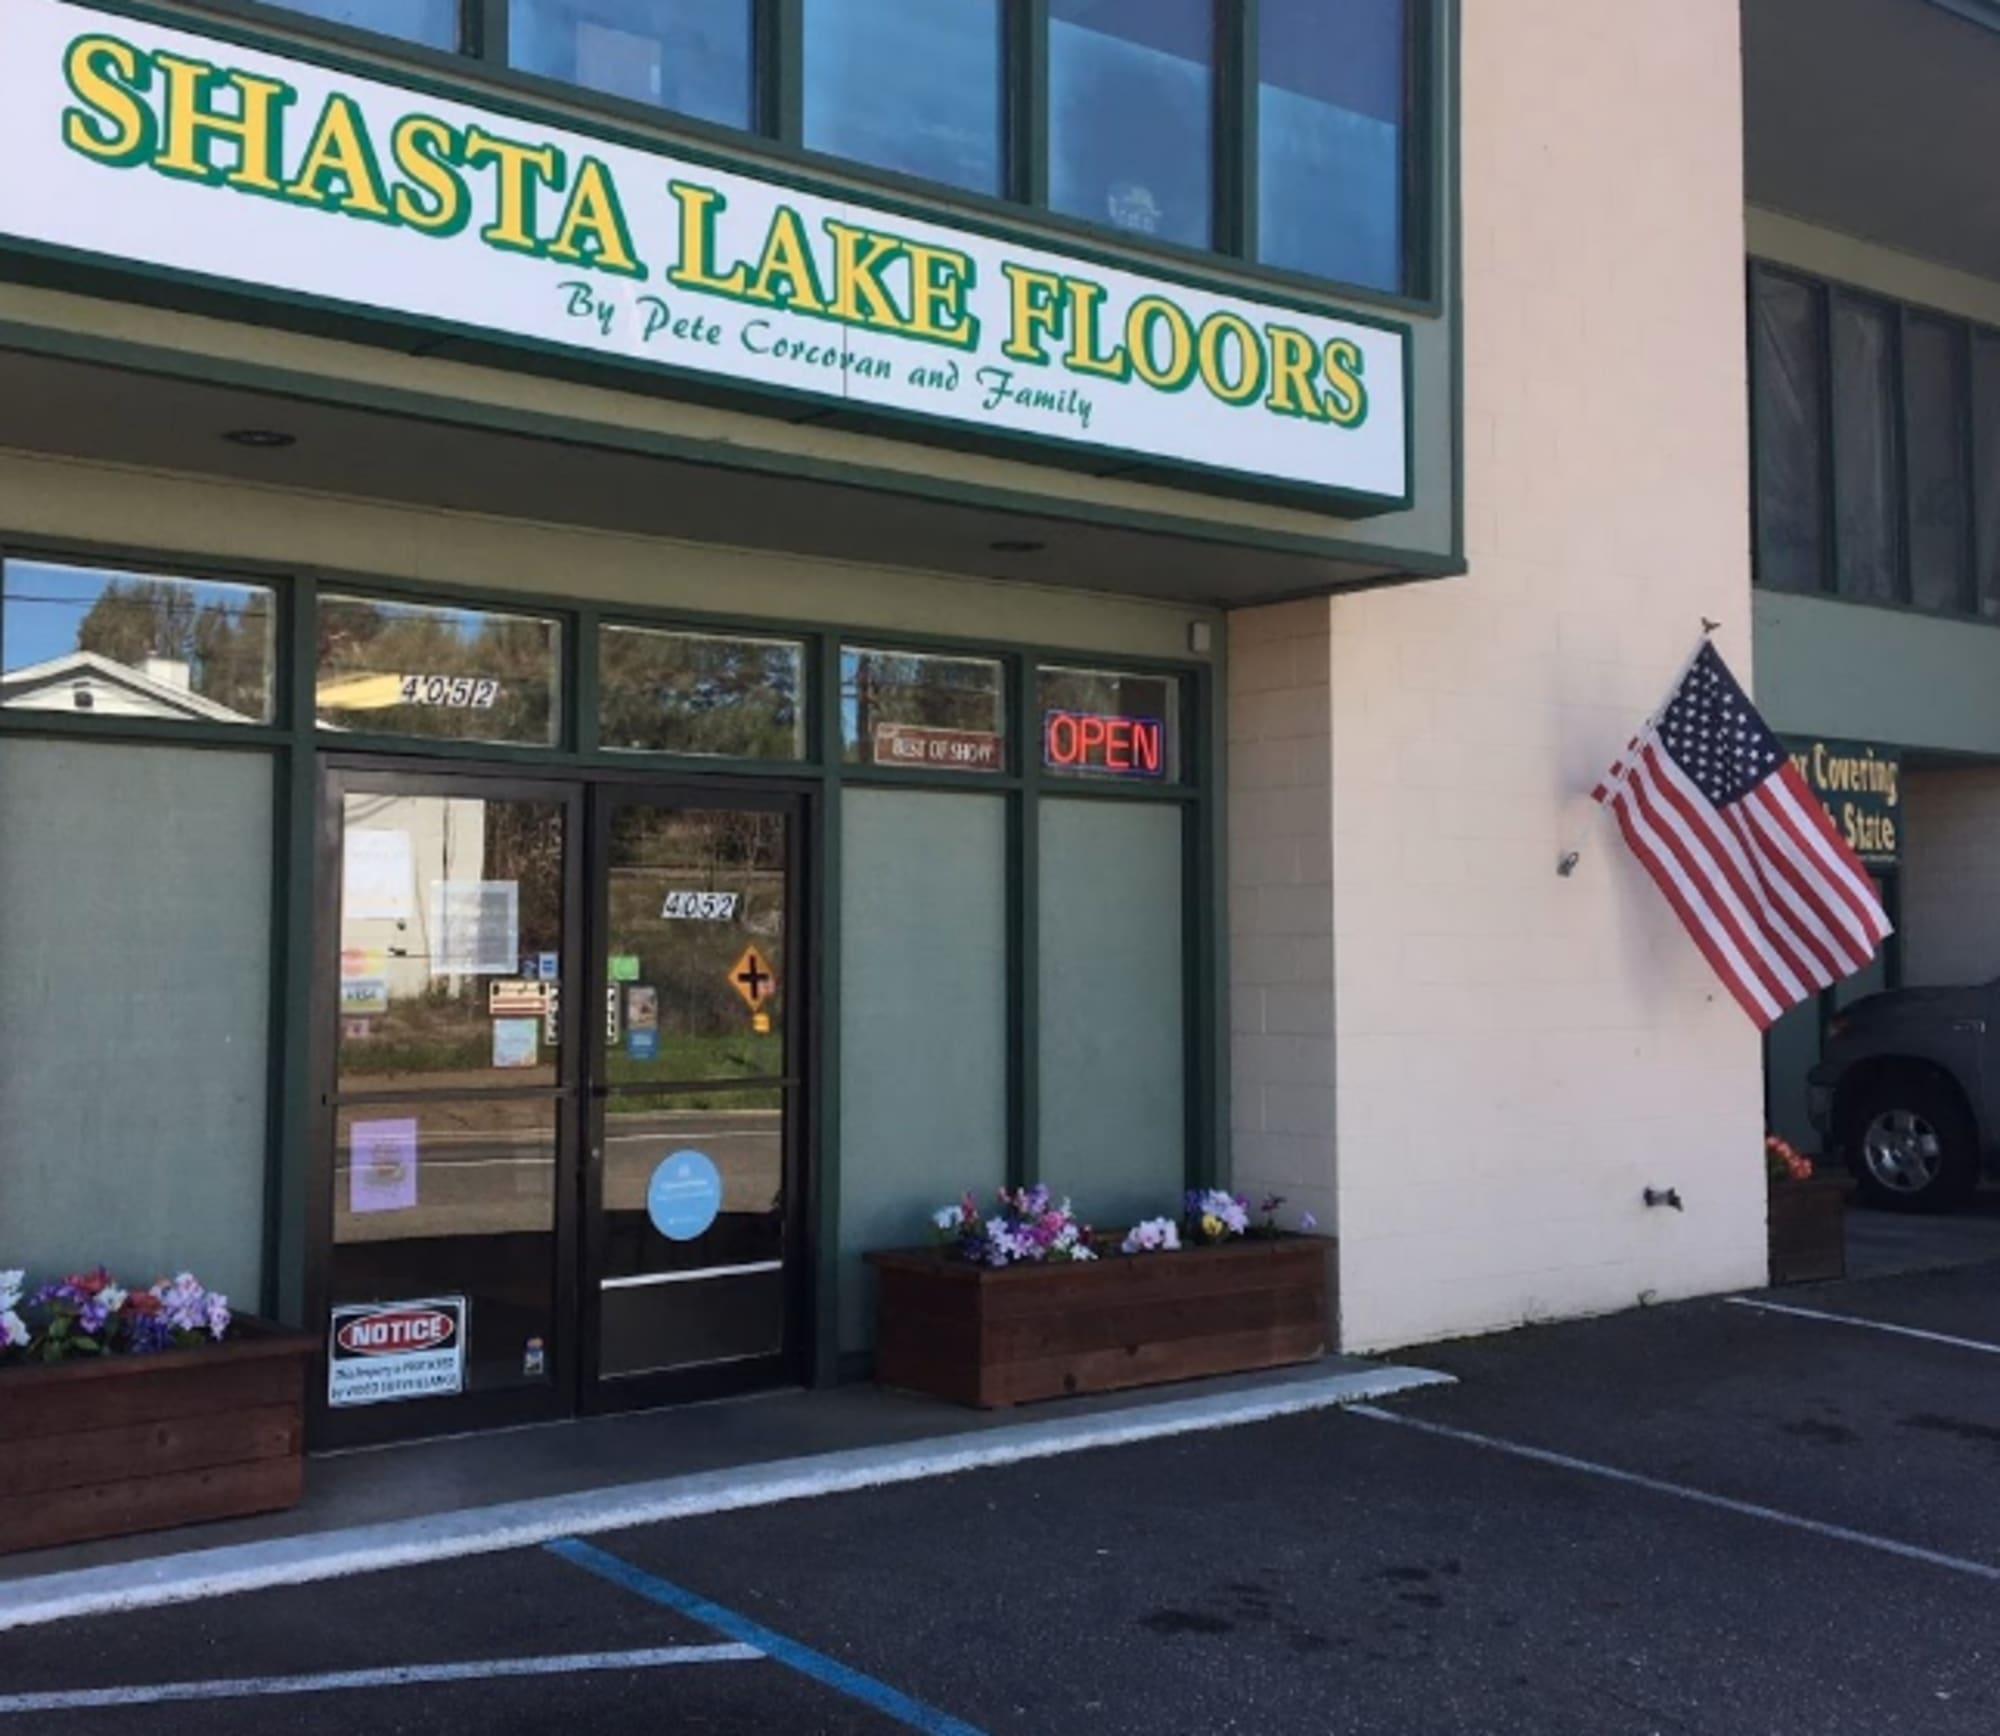 Shasta Lake Floors - 4052 Shasta Dam Blvd Shasta Lake, CA 96019